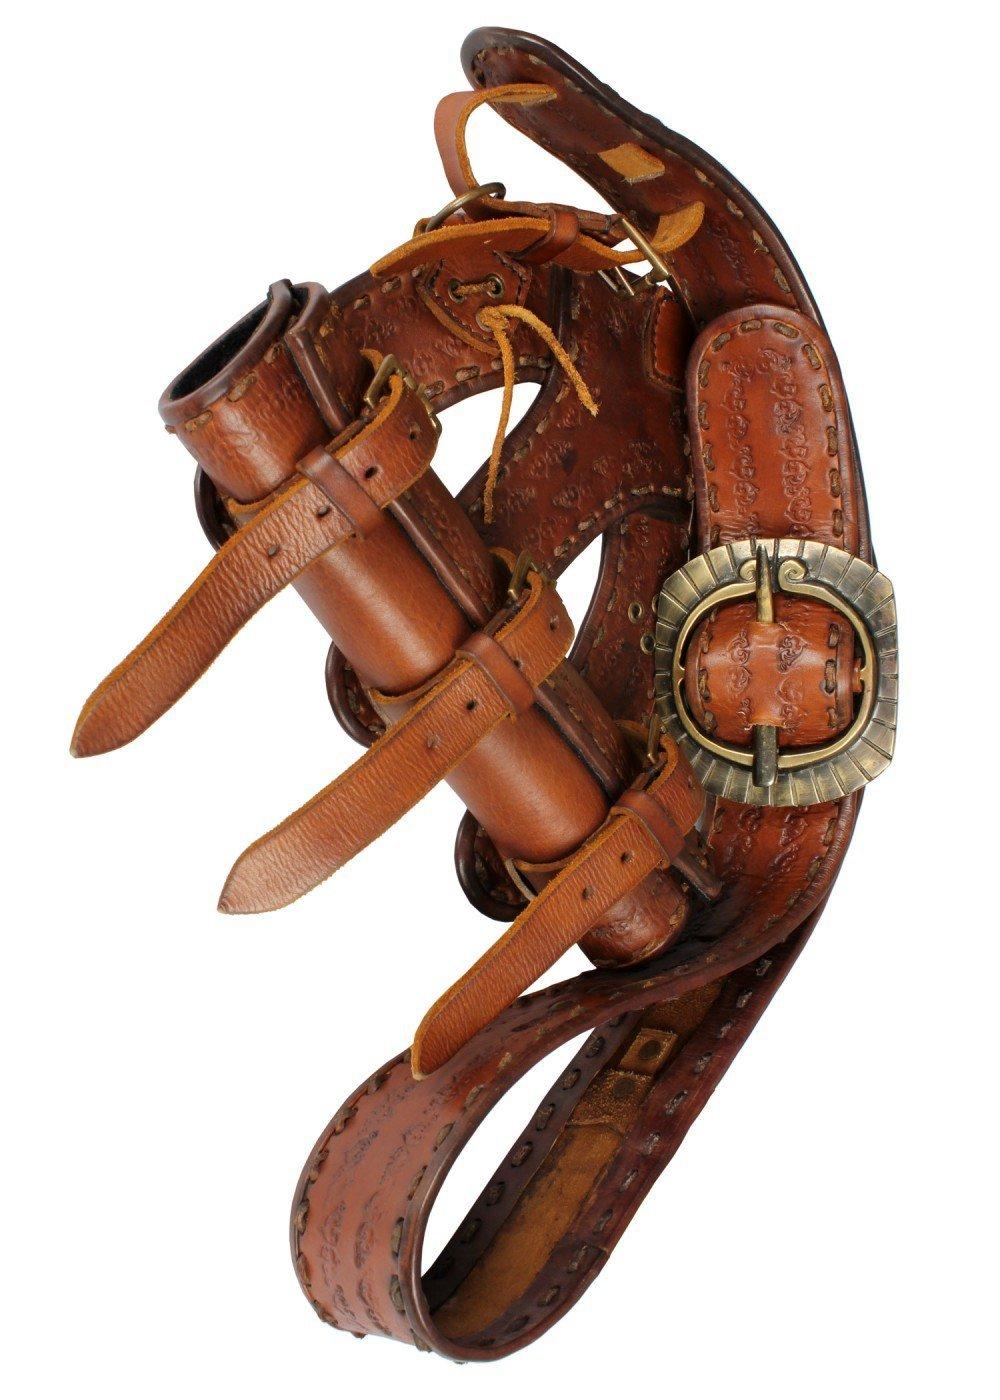 Hochwertiger Piraten-Bandelier aus Leder LARP-Schwerthalter Schwarz oder Braun Mittelalter Ritter Wikinger